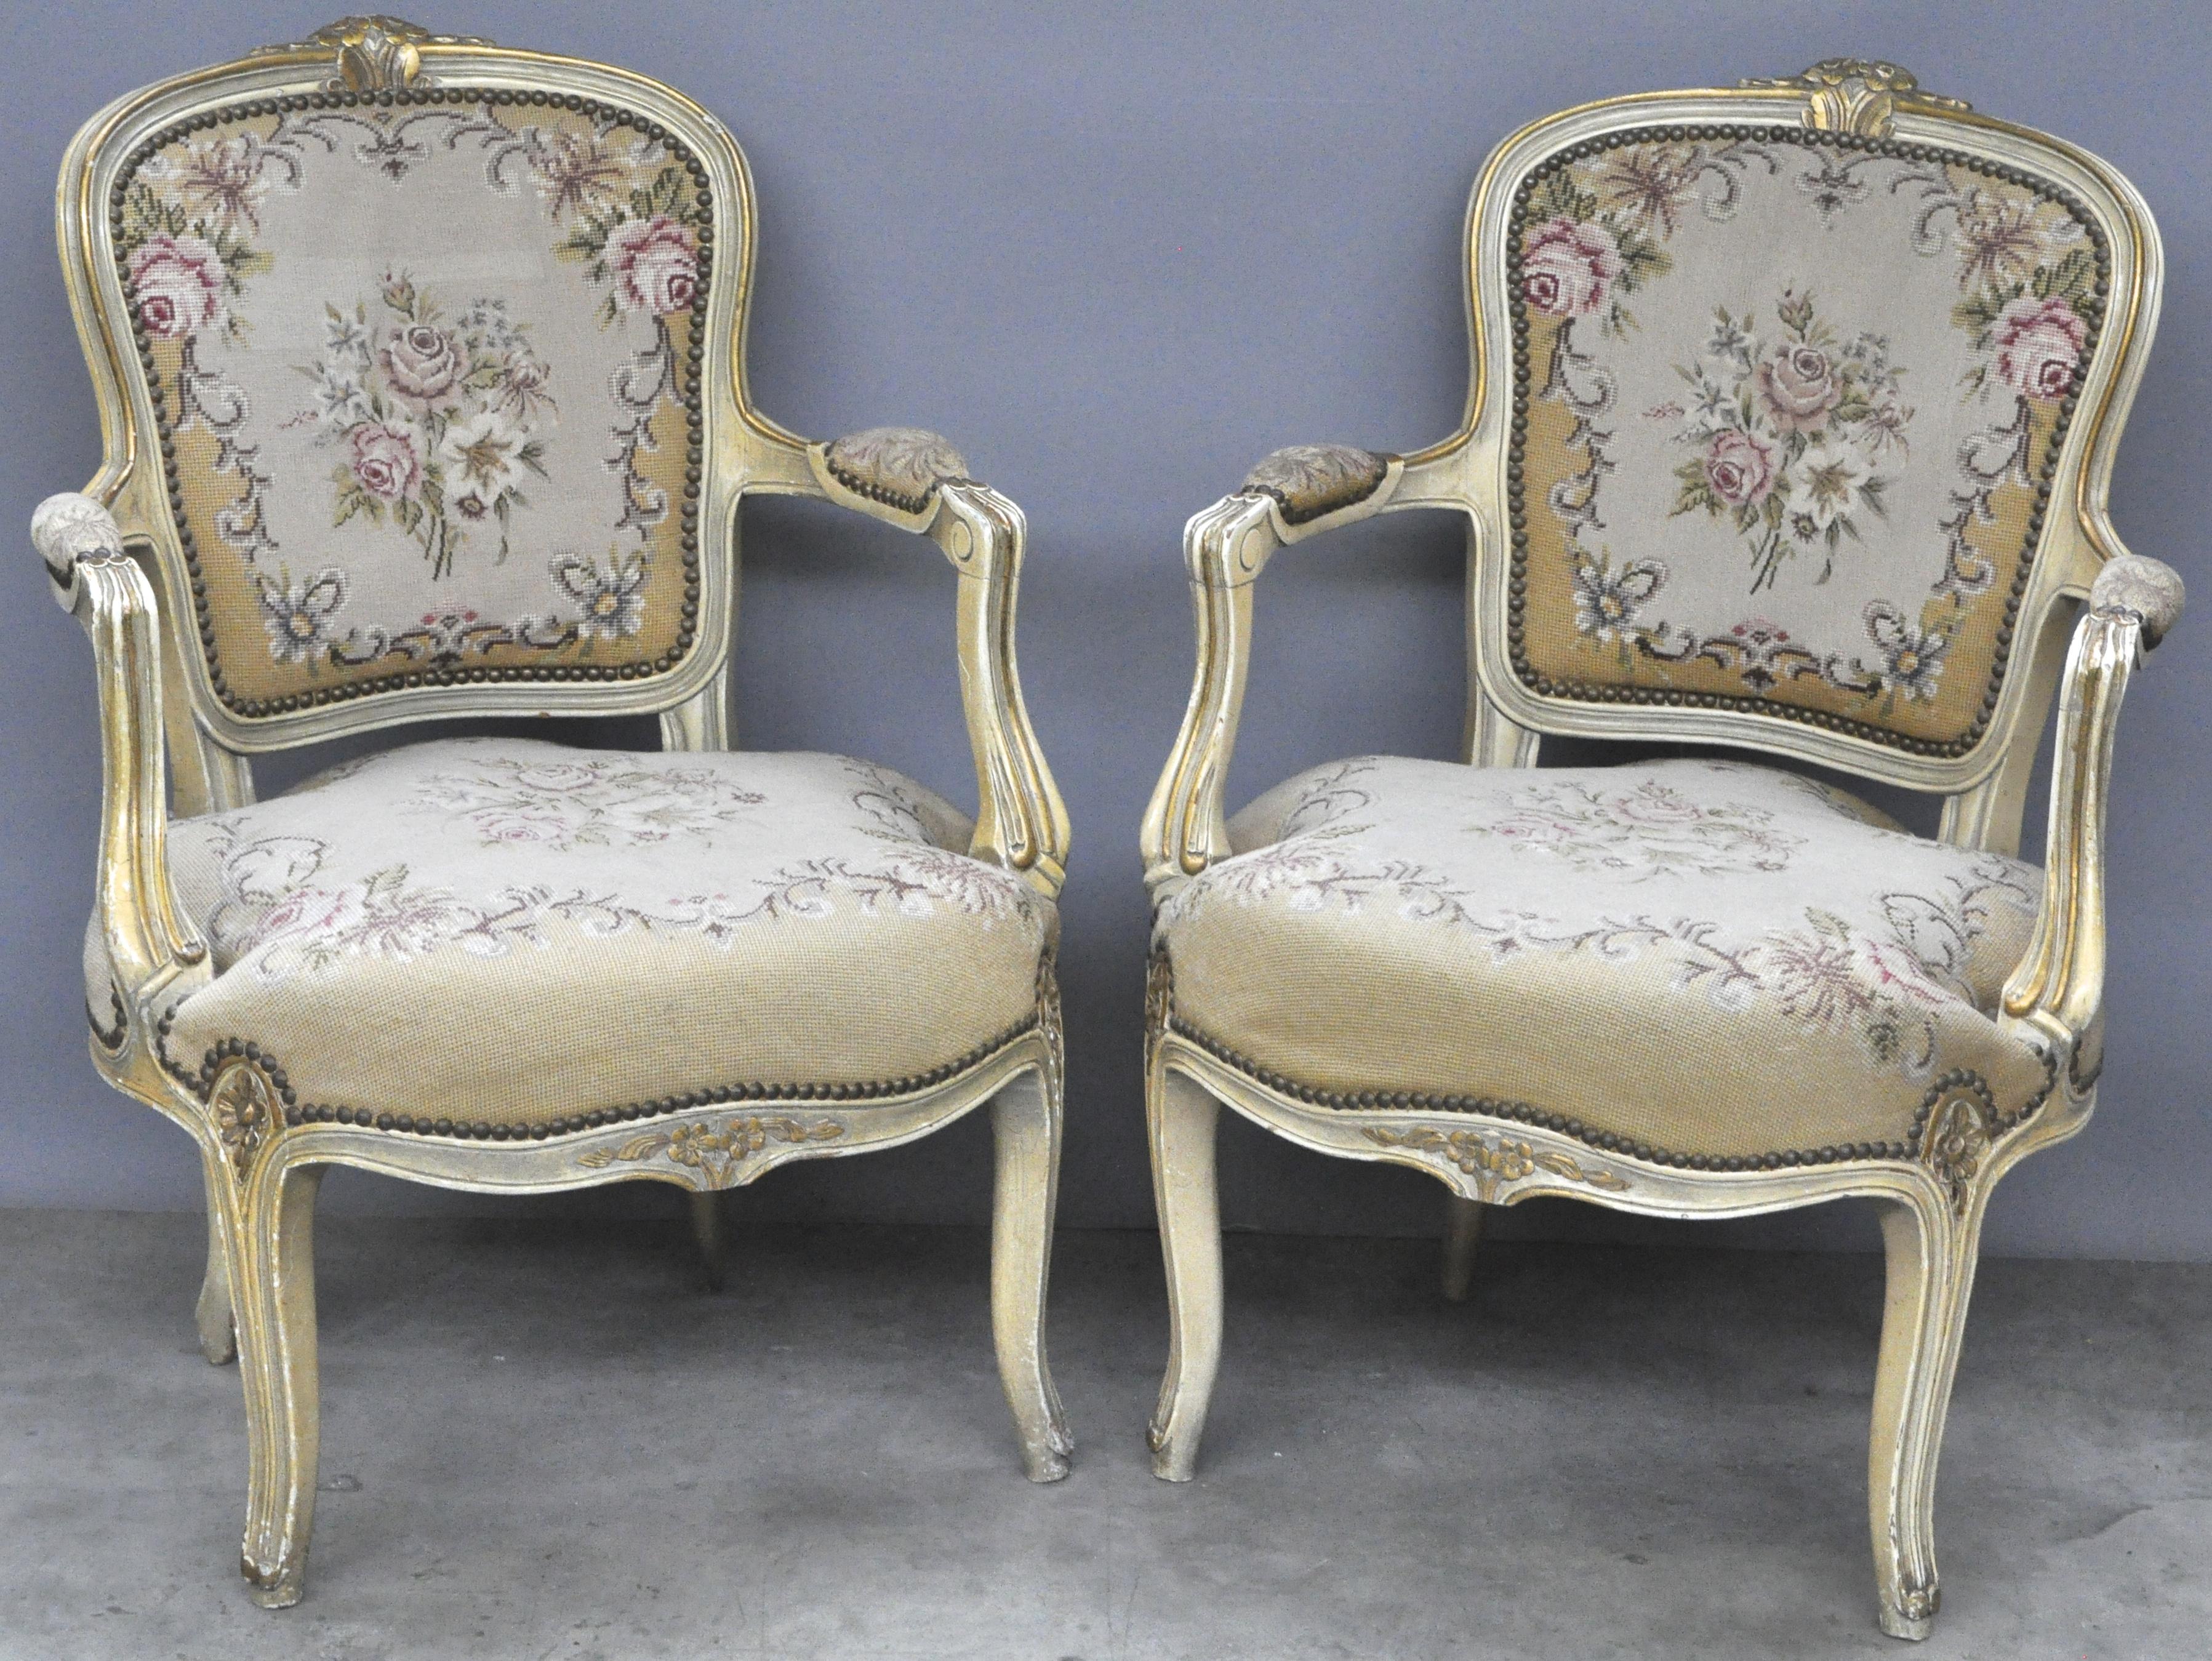 Twee fauteuils en cabriolet in lodewijk xv stijl van beige en goudgepatineerd hout bekleed met - Garderobe stijl van lodewijk xv ...